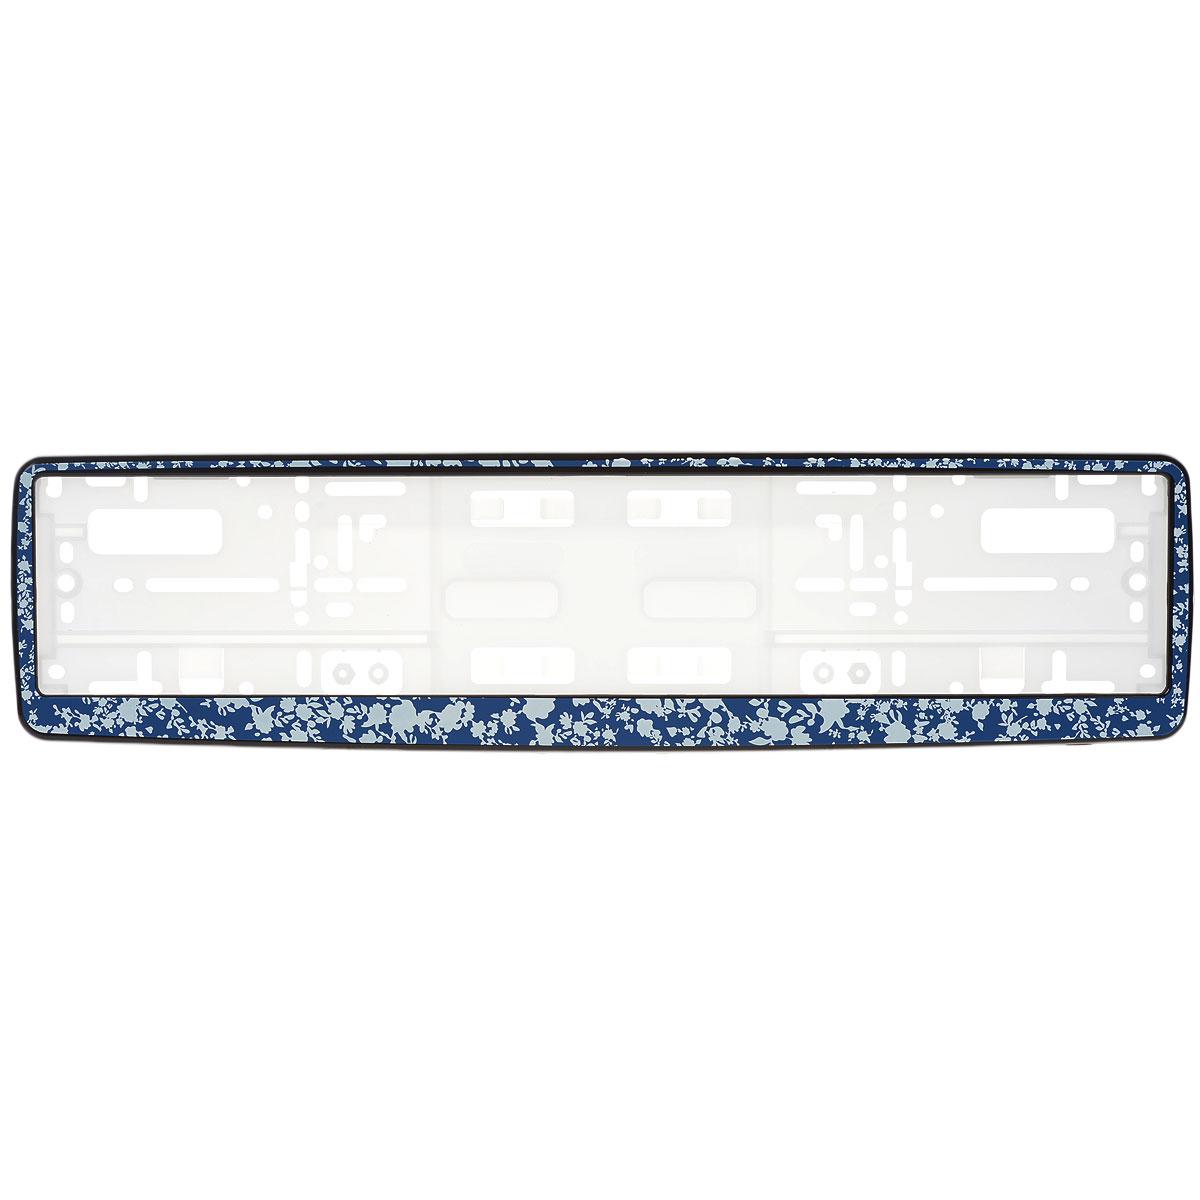 Рамка под номер Синие цветыВетерок 2ГФРамка Синие цветы не только закрепит регистрационный знак на вашем автомобиле, но и красиво его оформит. Основание рамки выполнено из полипропилена, материал лицевой панели - пластик.Она предназначена для крепления регистрационного знака российского и европейского образца, декорирована орнаментом. Устанавливается на все типы автомобилей. Крепления в комплект не входят.Стильный дизайн идеально впишется в экстерьер вашего автомобиля.Размер рамки: 53,5 см х 13,5 см. Размер регистрационного знака: 52,5 см х 11,5 см.